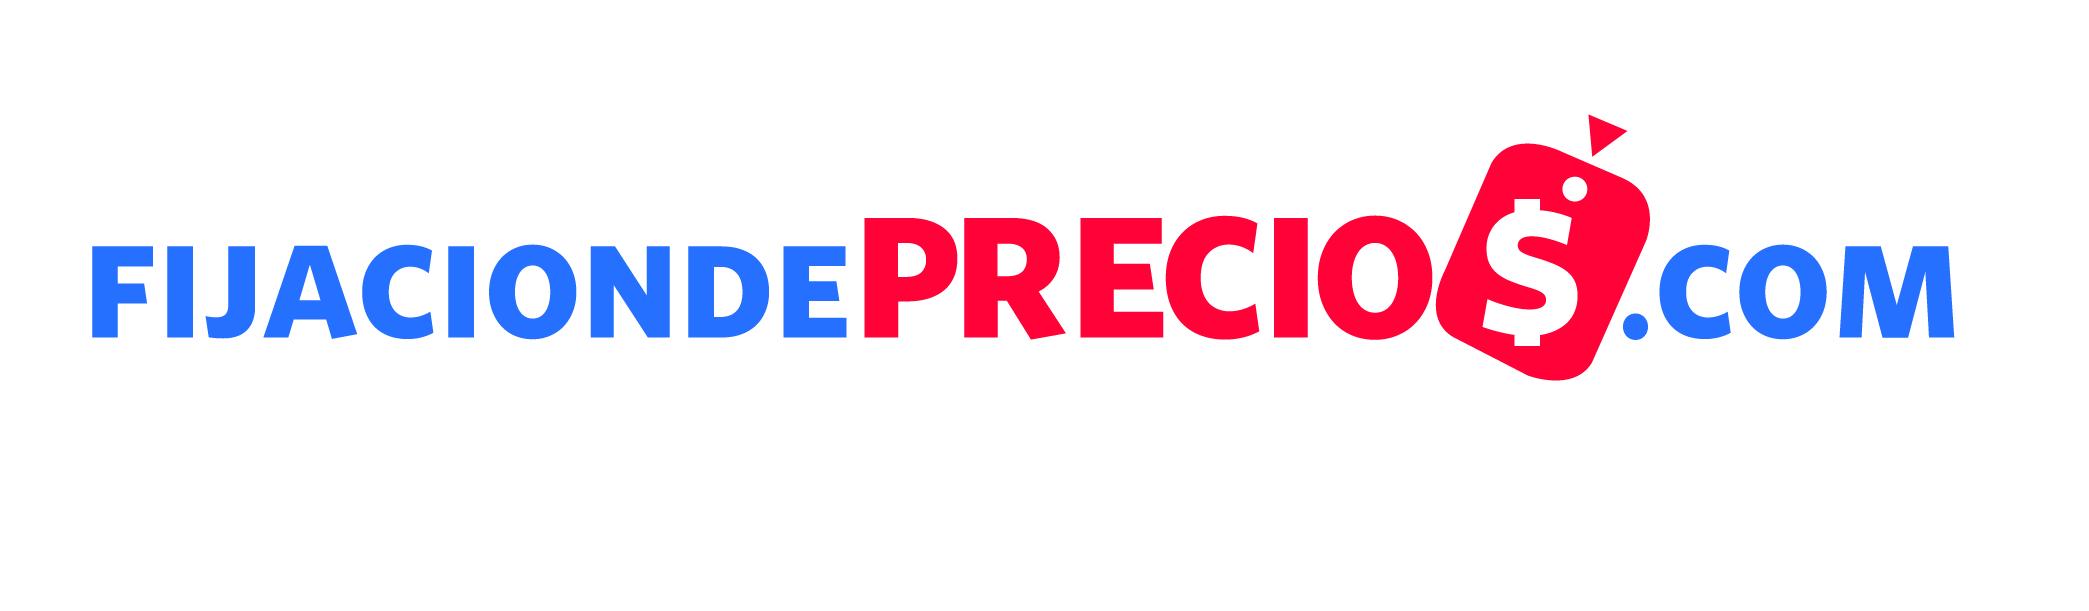 logo fijaciondeprecios.com